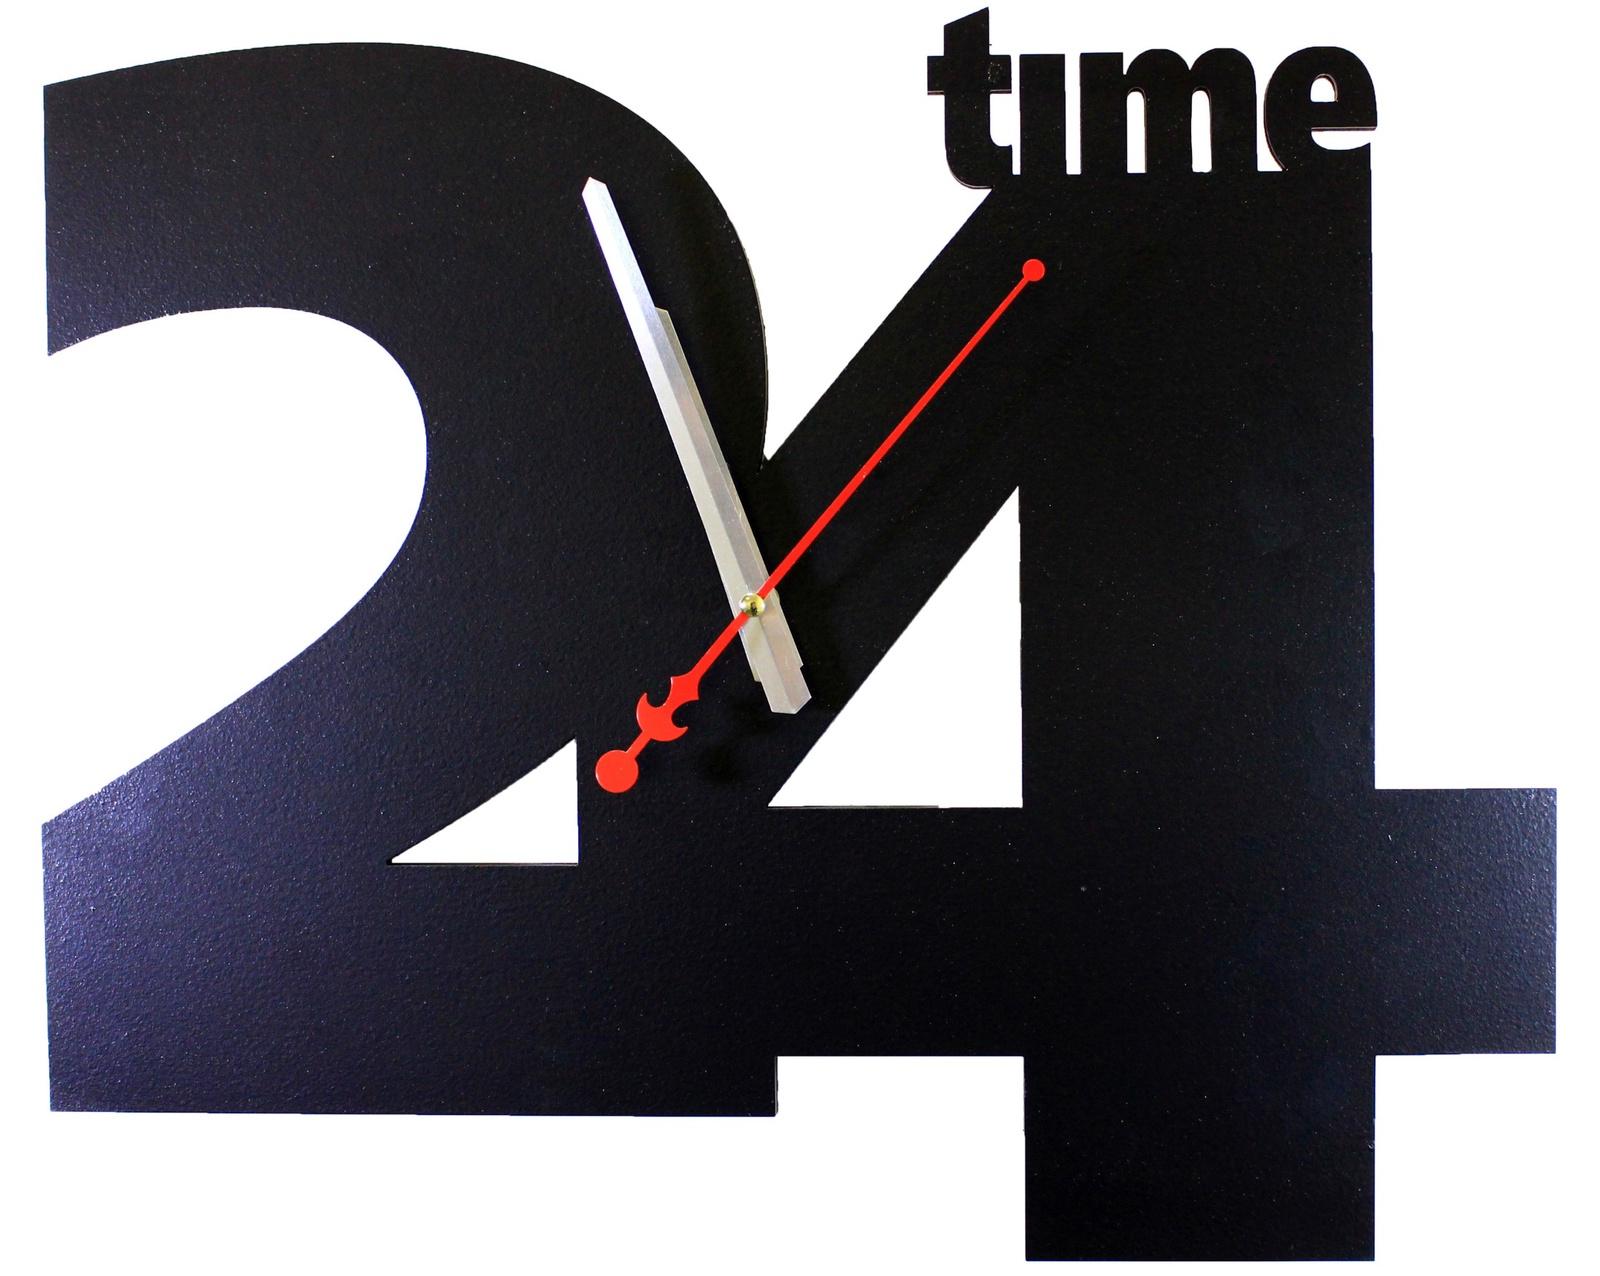 цена на Настенные часы Time2go Настенные часы, 707-4014, черный